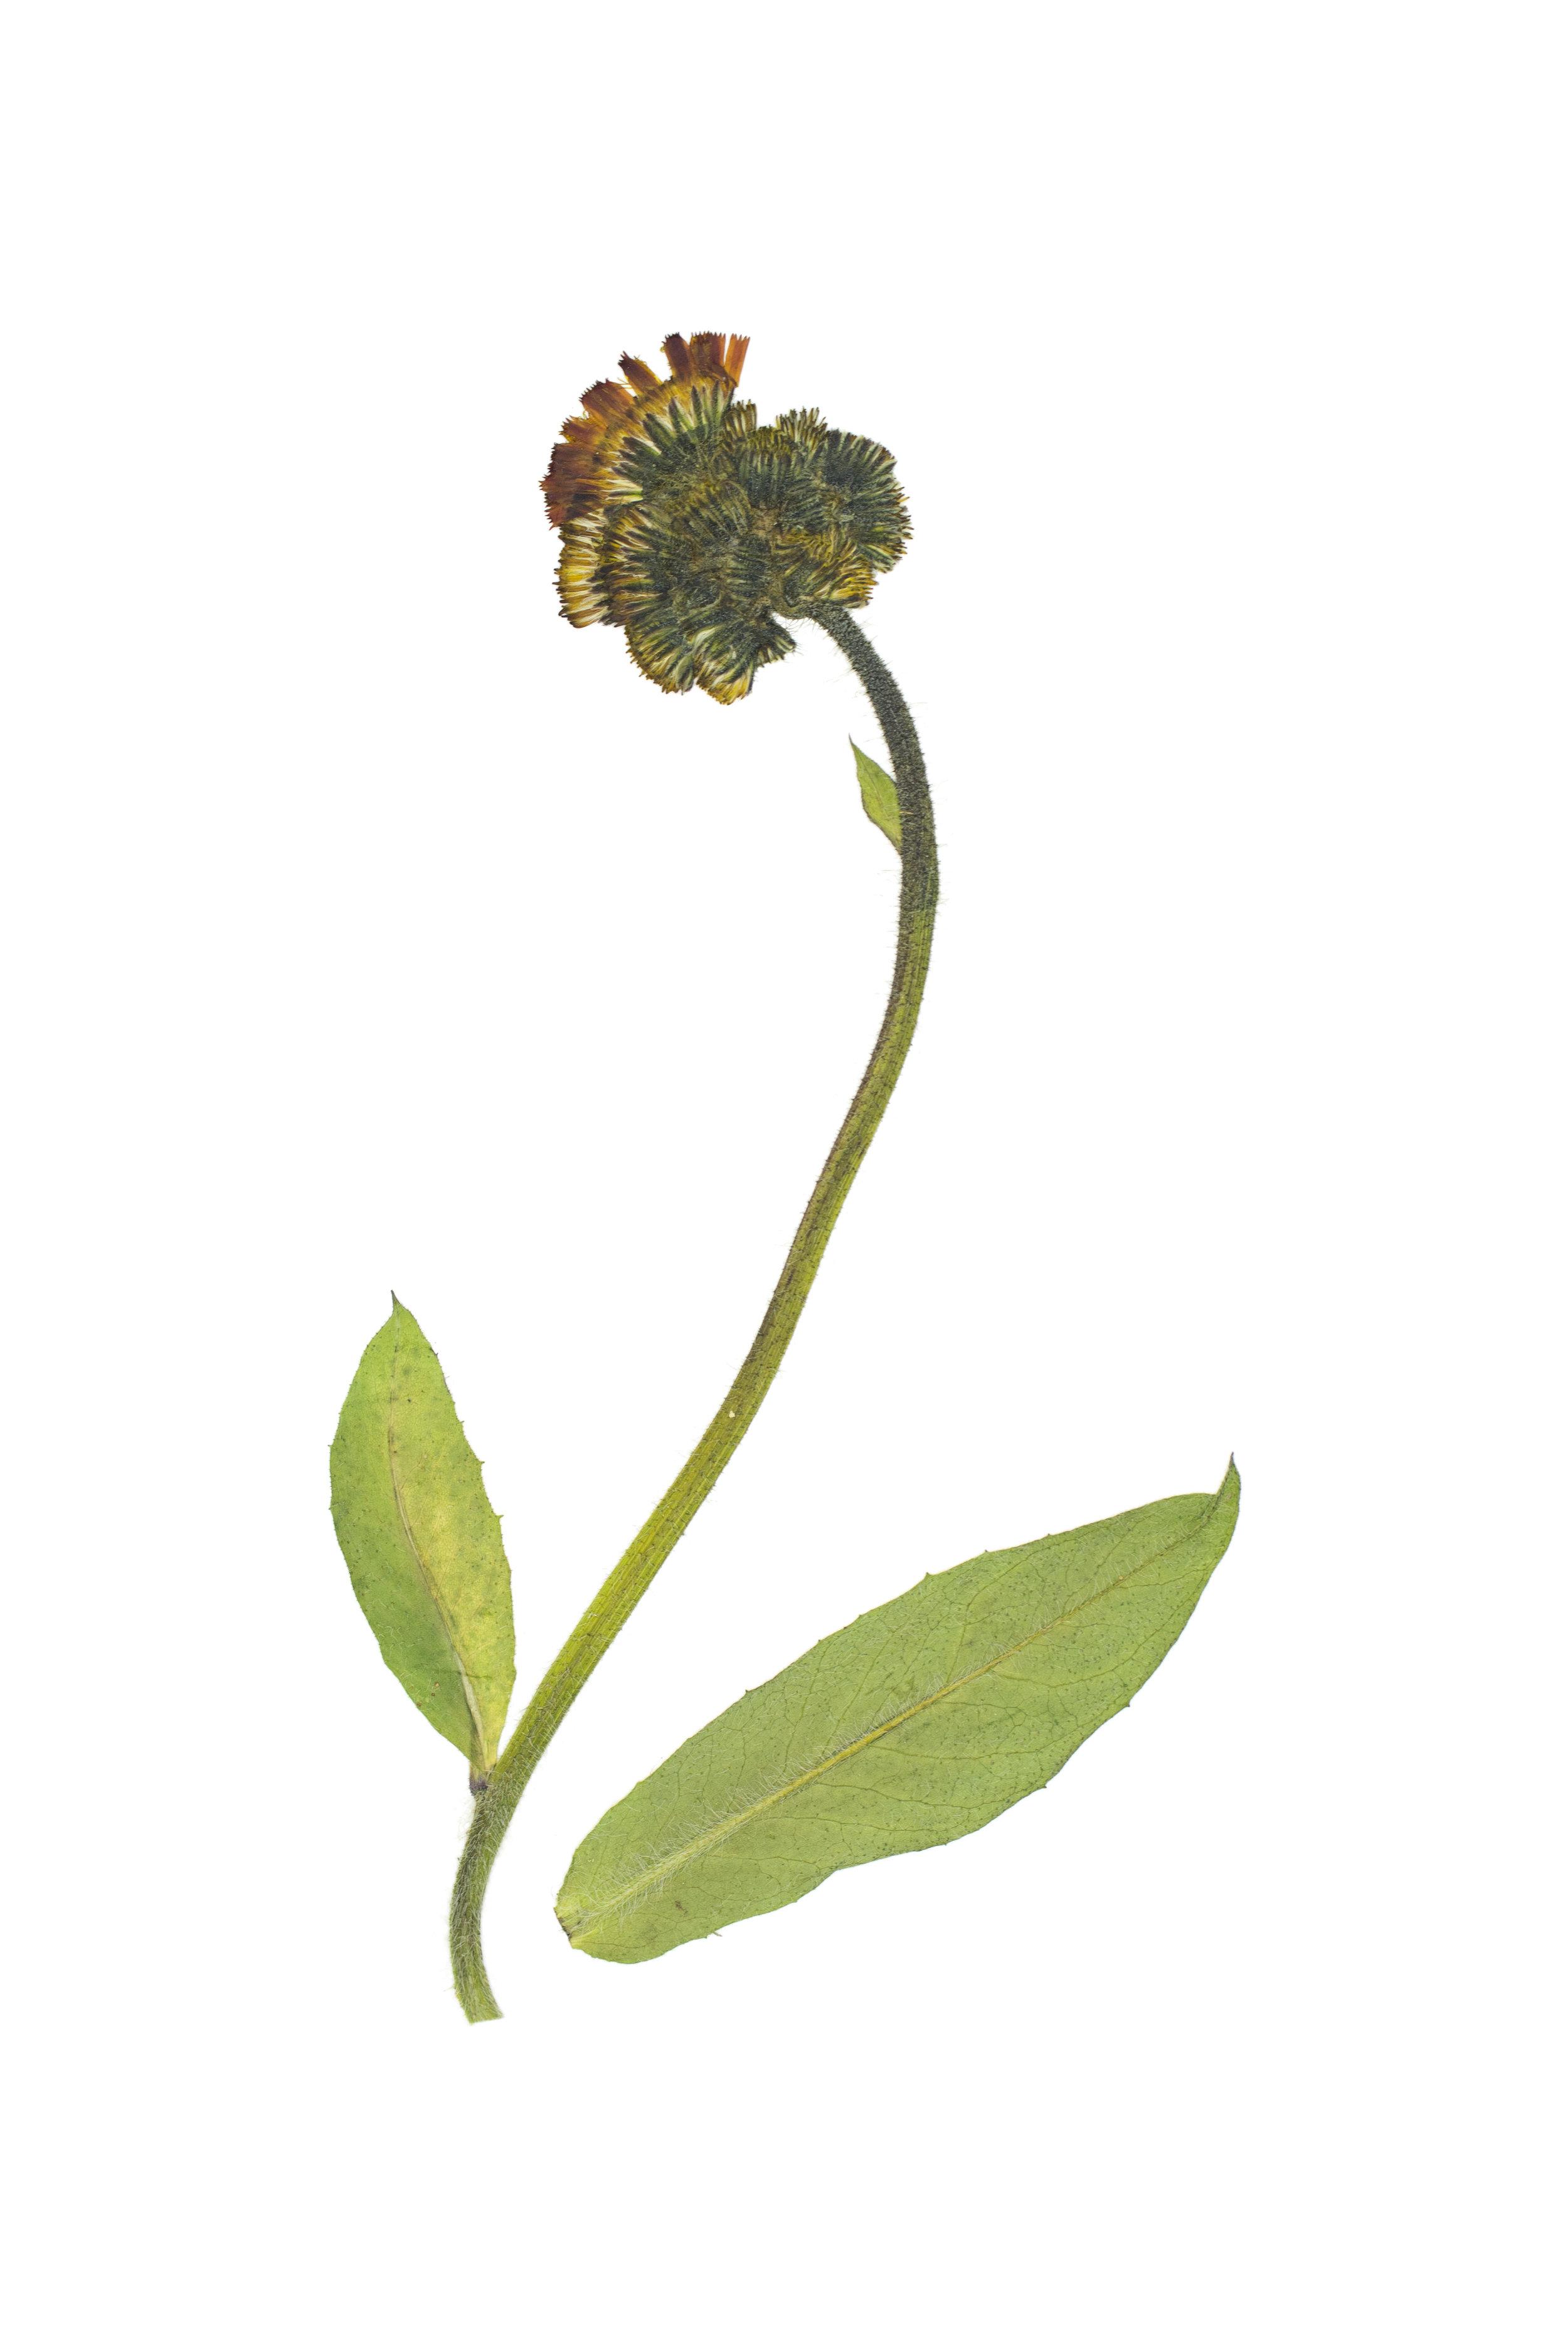 Orange Hawkweed / Hieracium aurantiacum